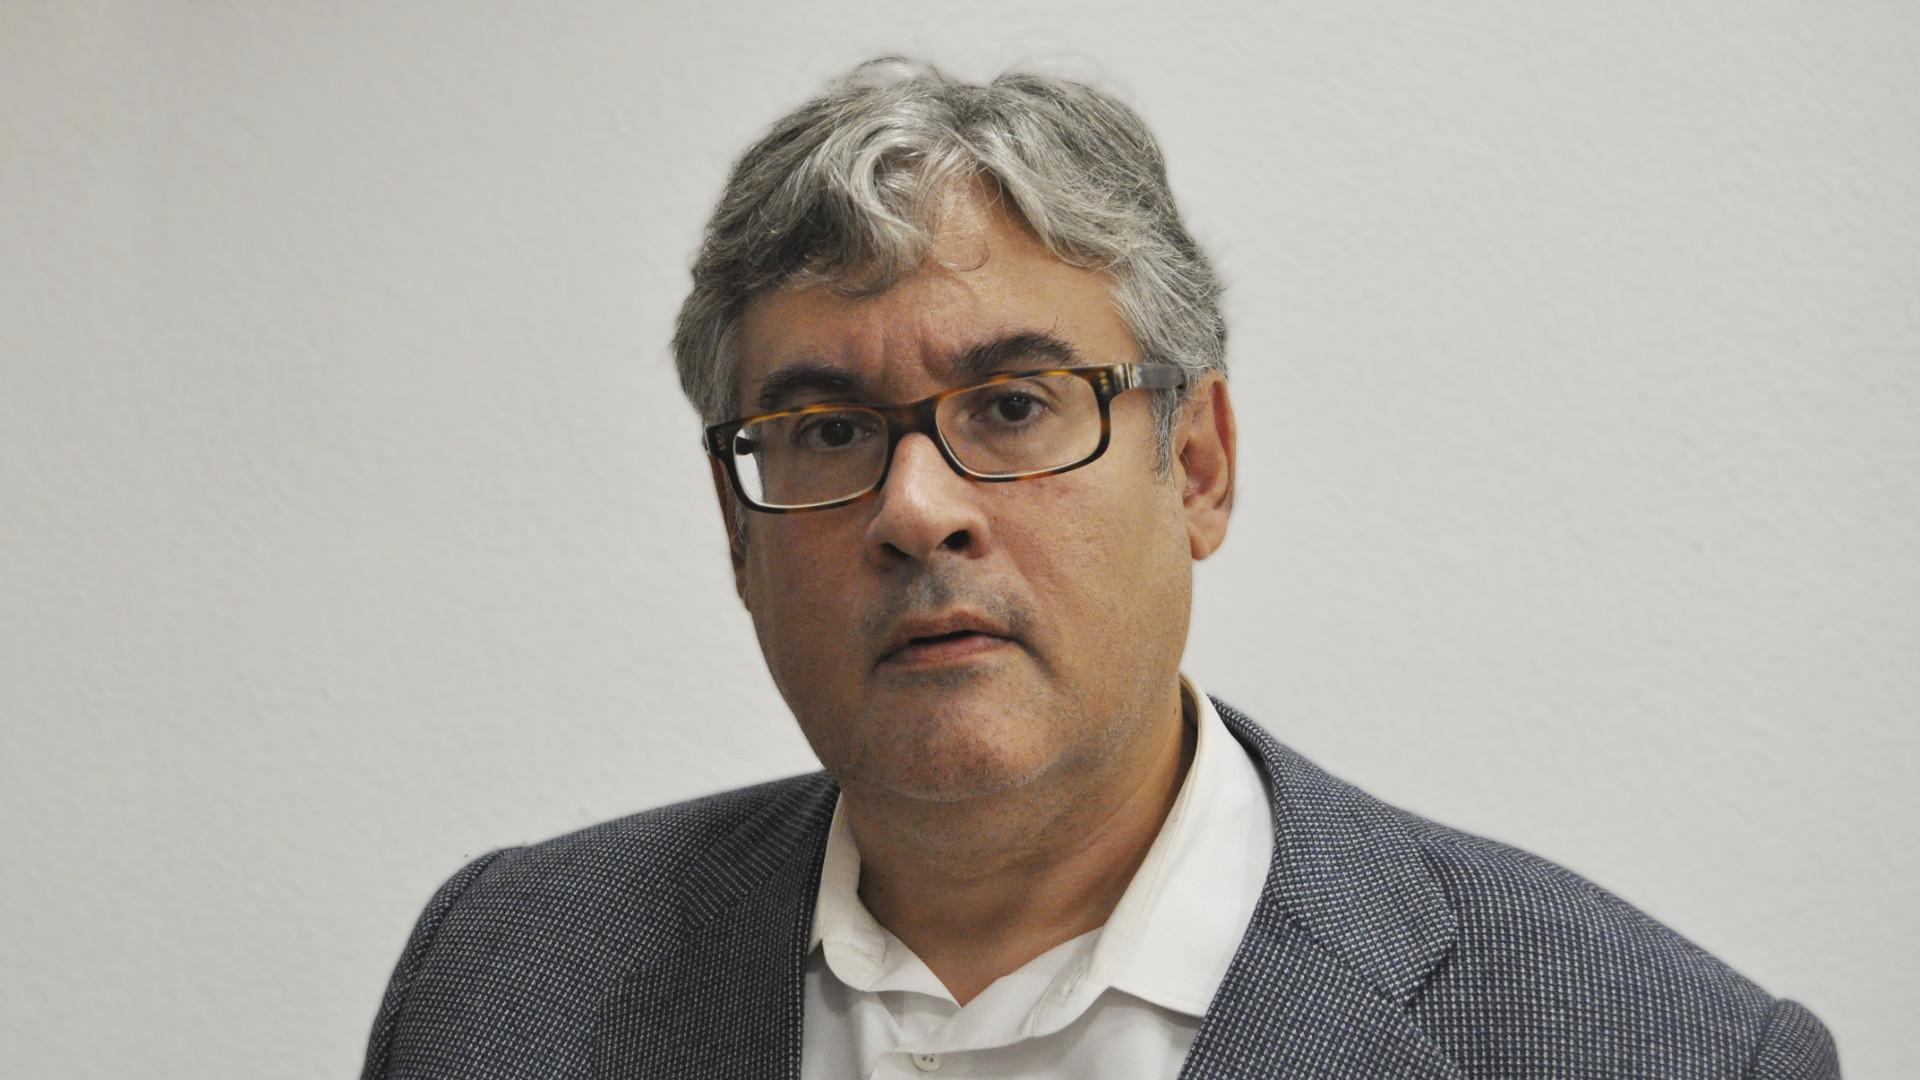 """Juan Manuel de Prada: """"El coronavirus ha sido una oportunidad para imponer una agenda ideológica"""""""